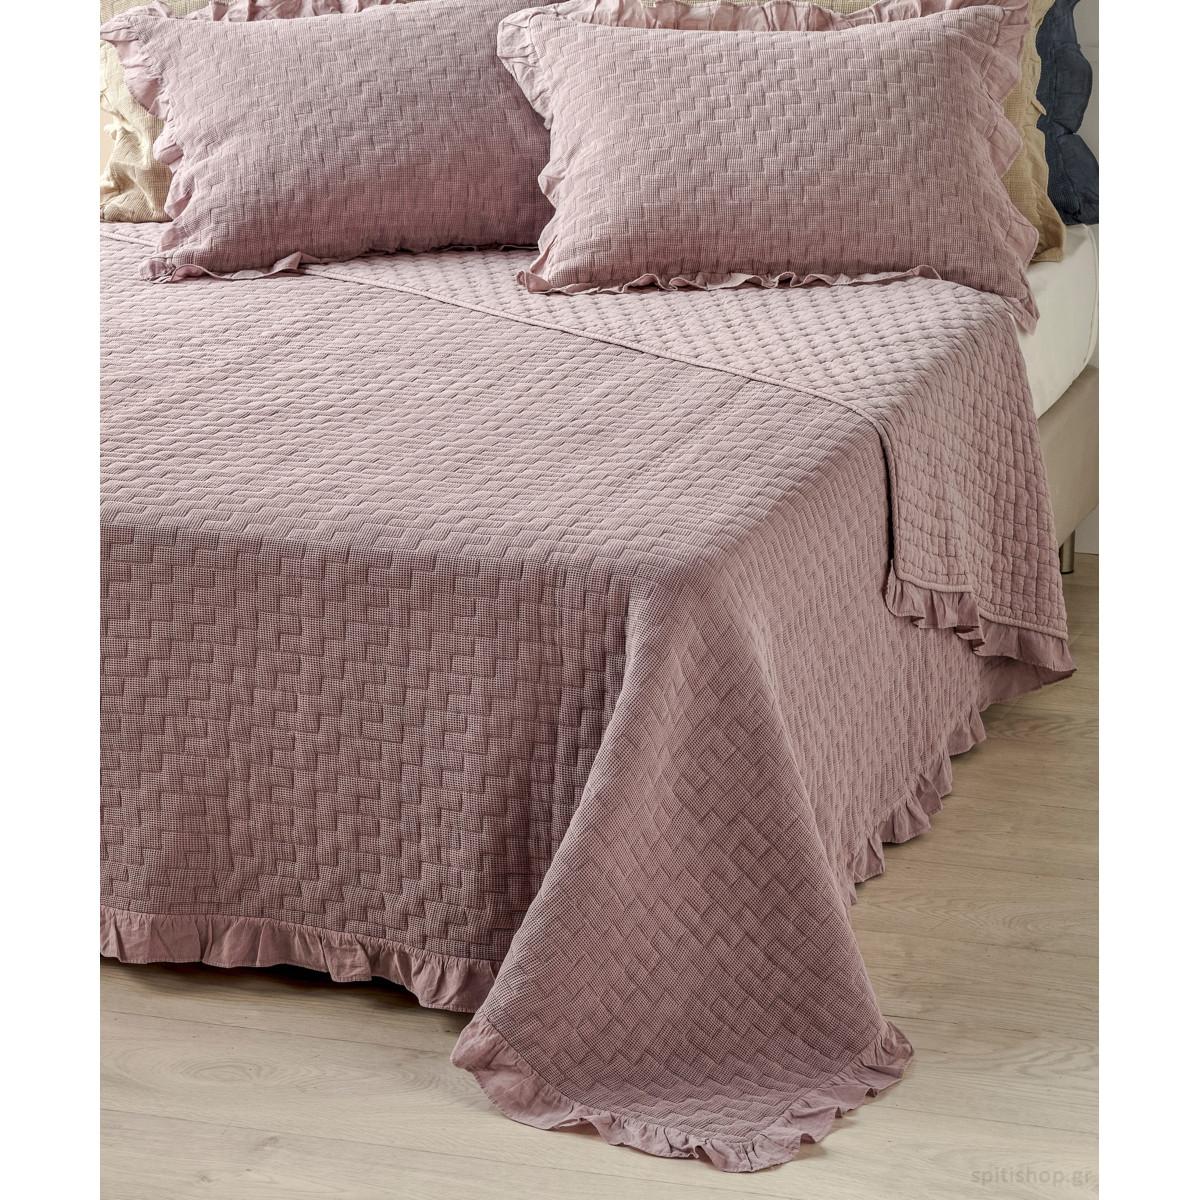 Κουβερτόριο Υπέρδιπλο 2 Όψεων Kentia Stylish Amalfi 35 home   κρεβατοκάμαρα   κουβέρτες   κουβέρτες καλοκαιρινές υπέρδιπλες